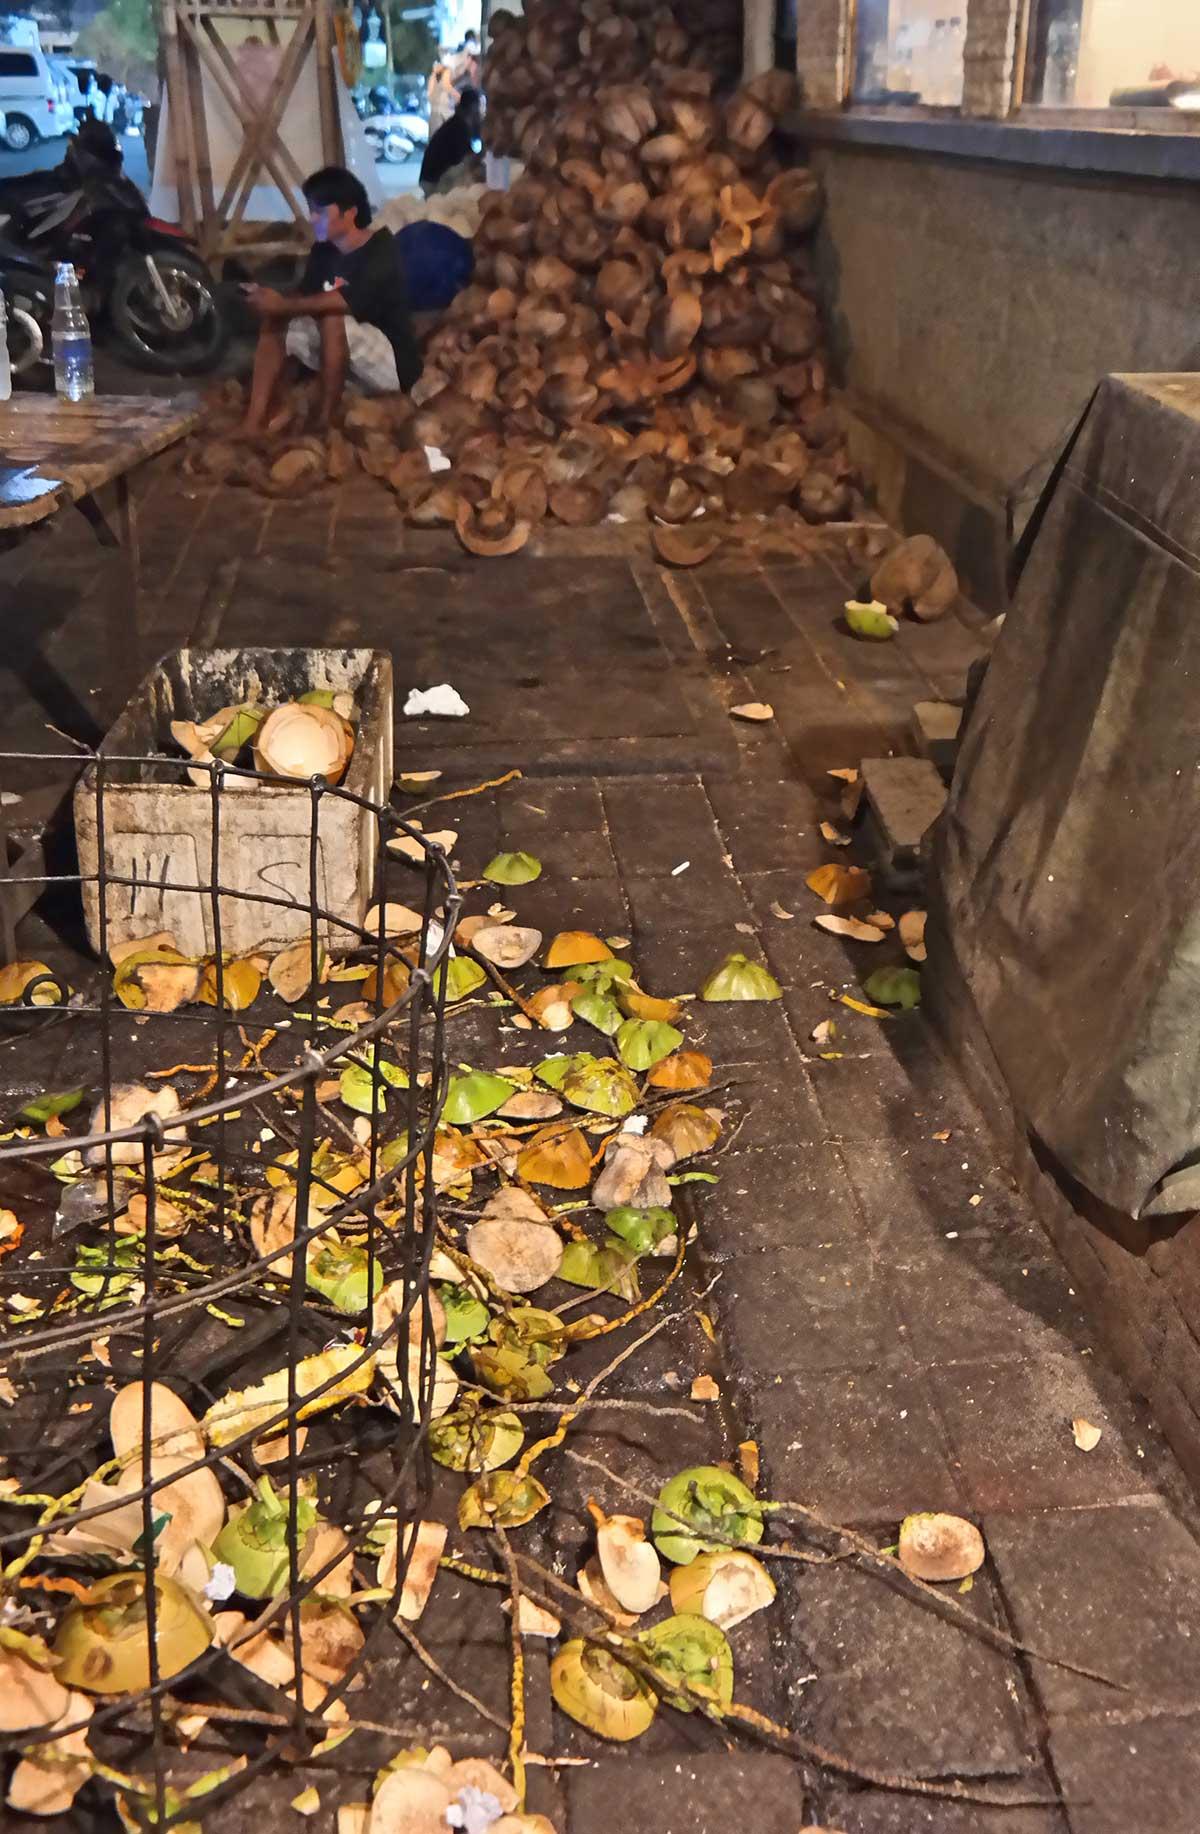 coconut shells on the street in Jimbaran, Bali